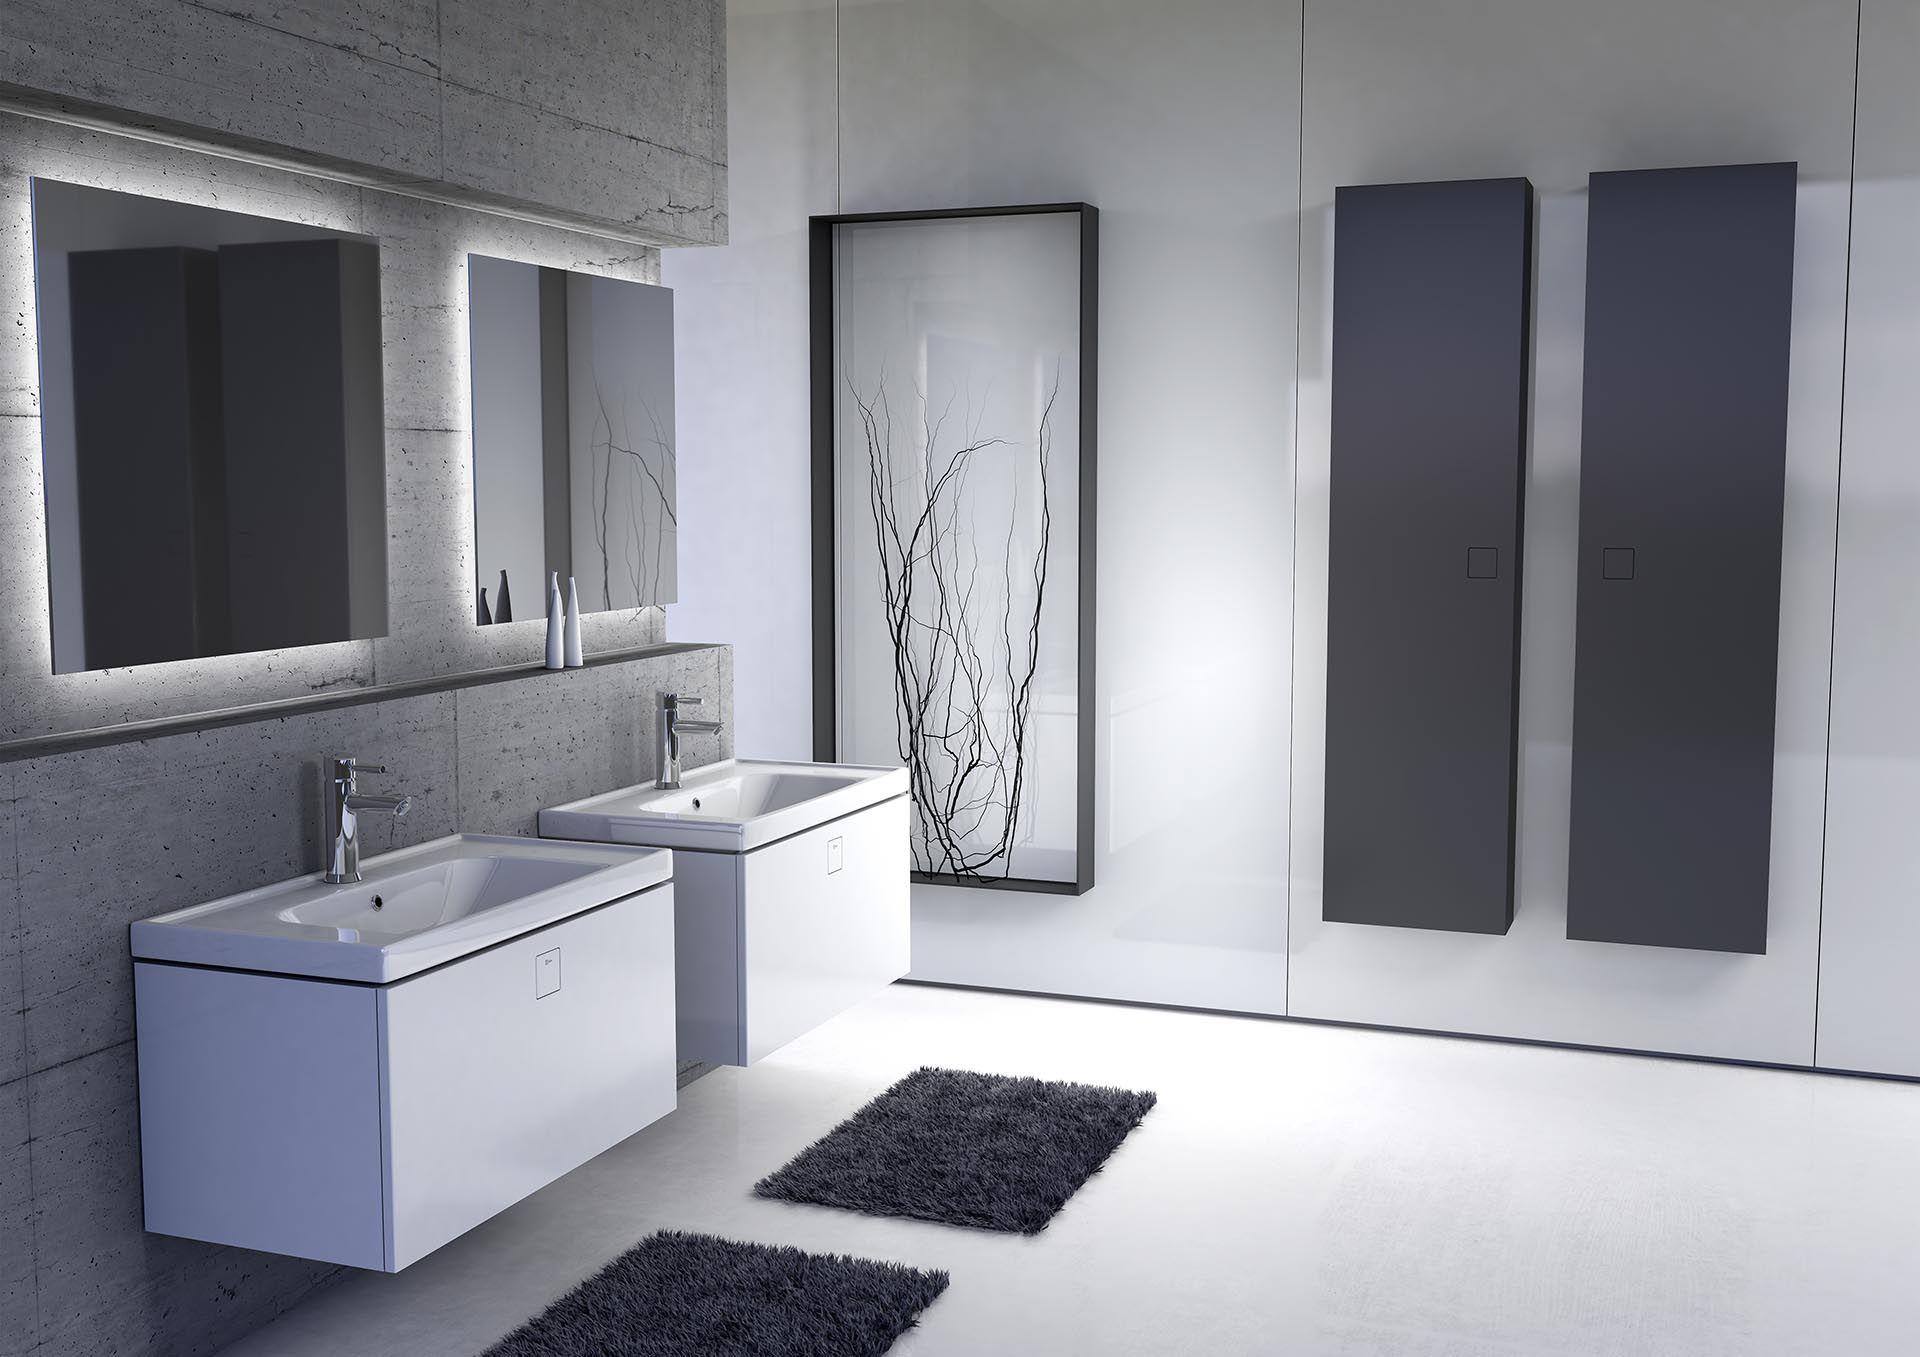 Proste, kubiczne bryły mebli wprowadzają ład i harmonię do wnętrza, a ich przestronne szuflady i szafki pozwolą na łatwe utrzymanie porządku w łazience. Fot. Defra